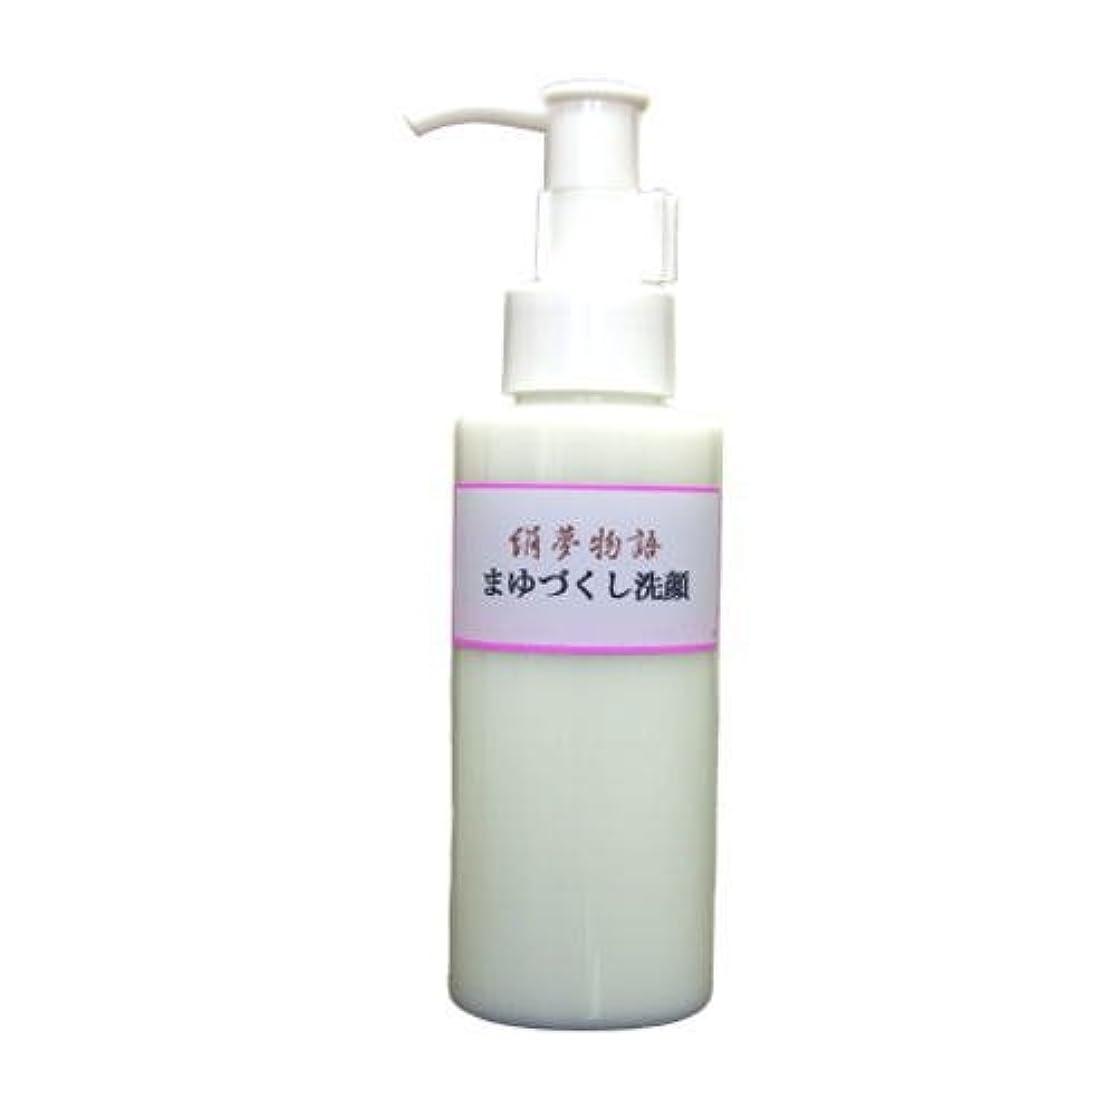 セメント手物質絹夢物語まゆづくし洗顔(100ml)